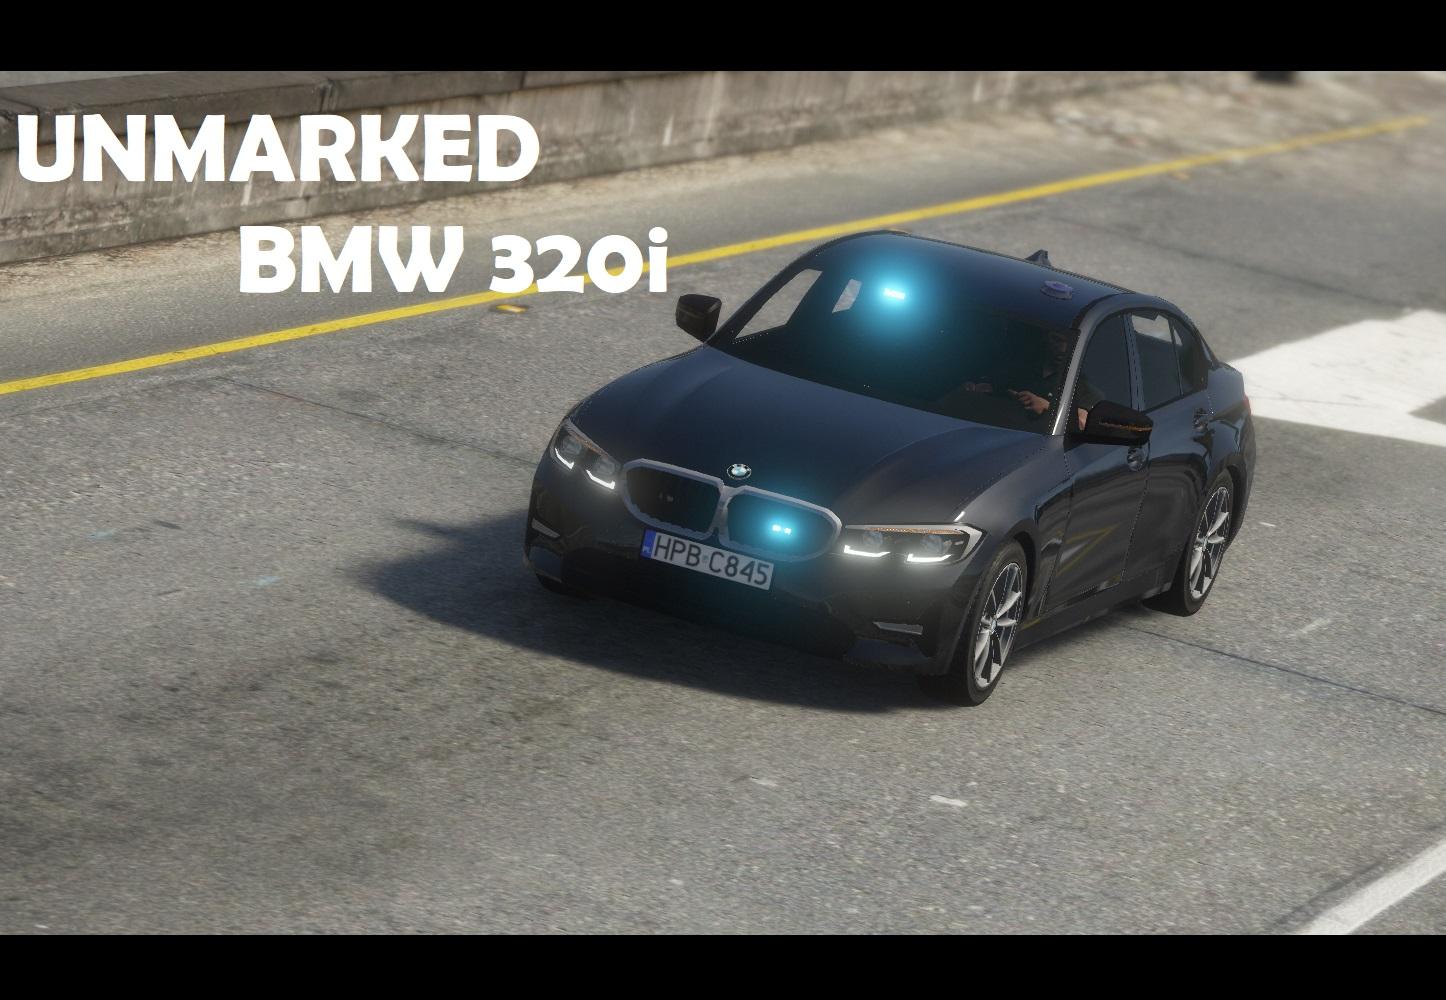 Unmarked BMW 320i Polskiej Policji